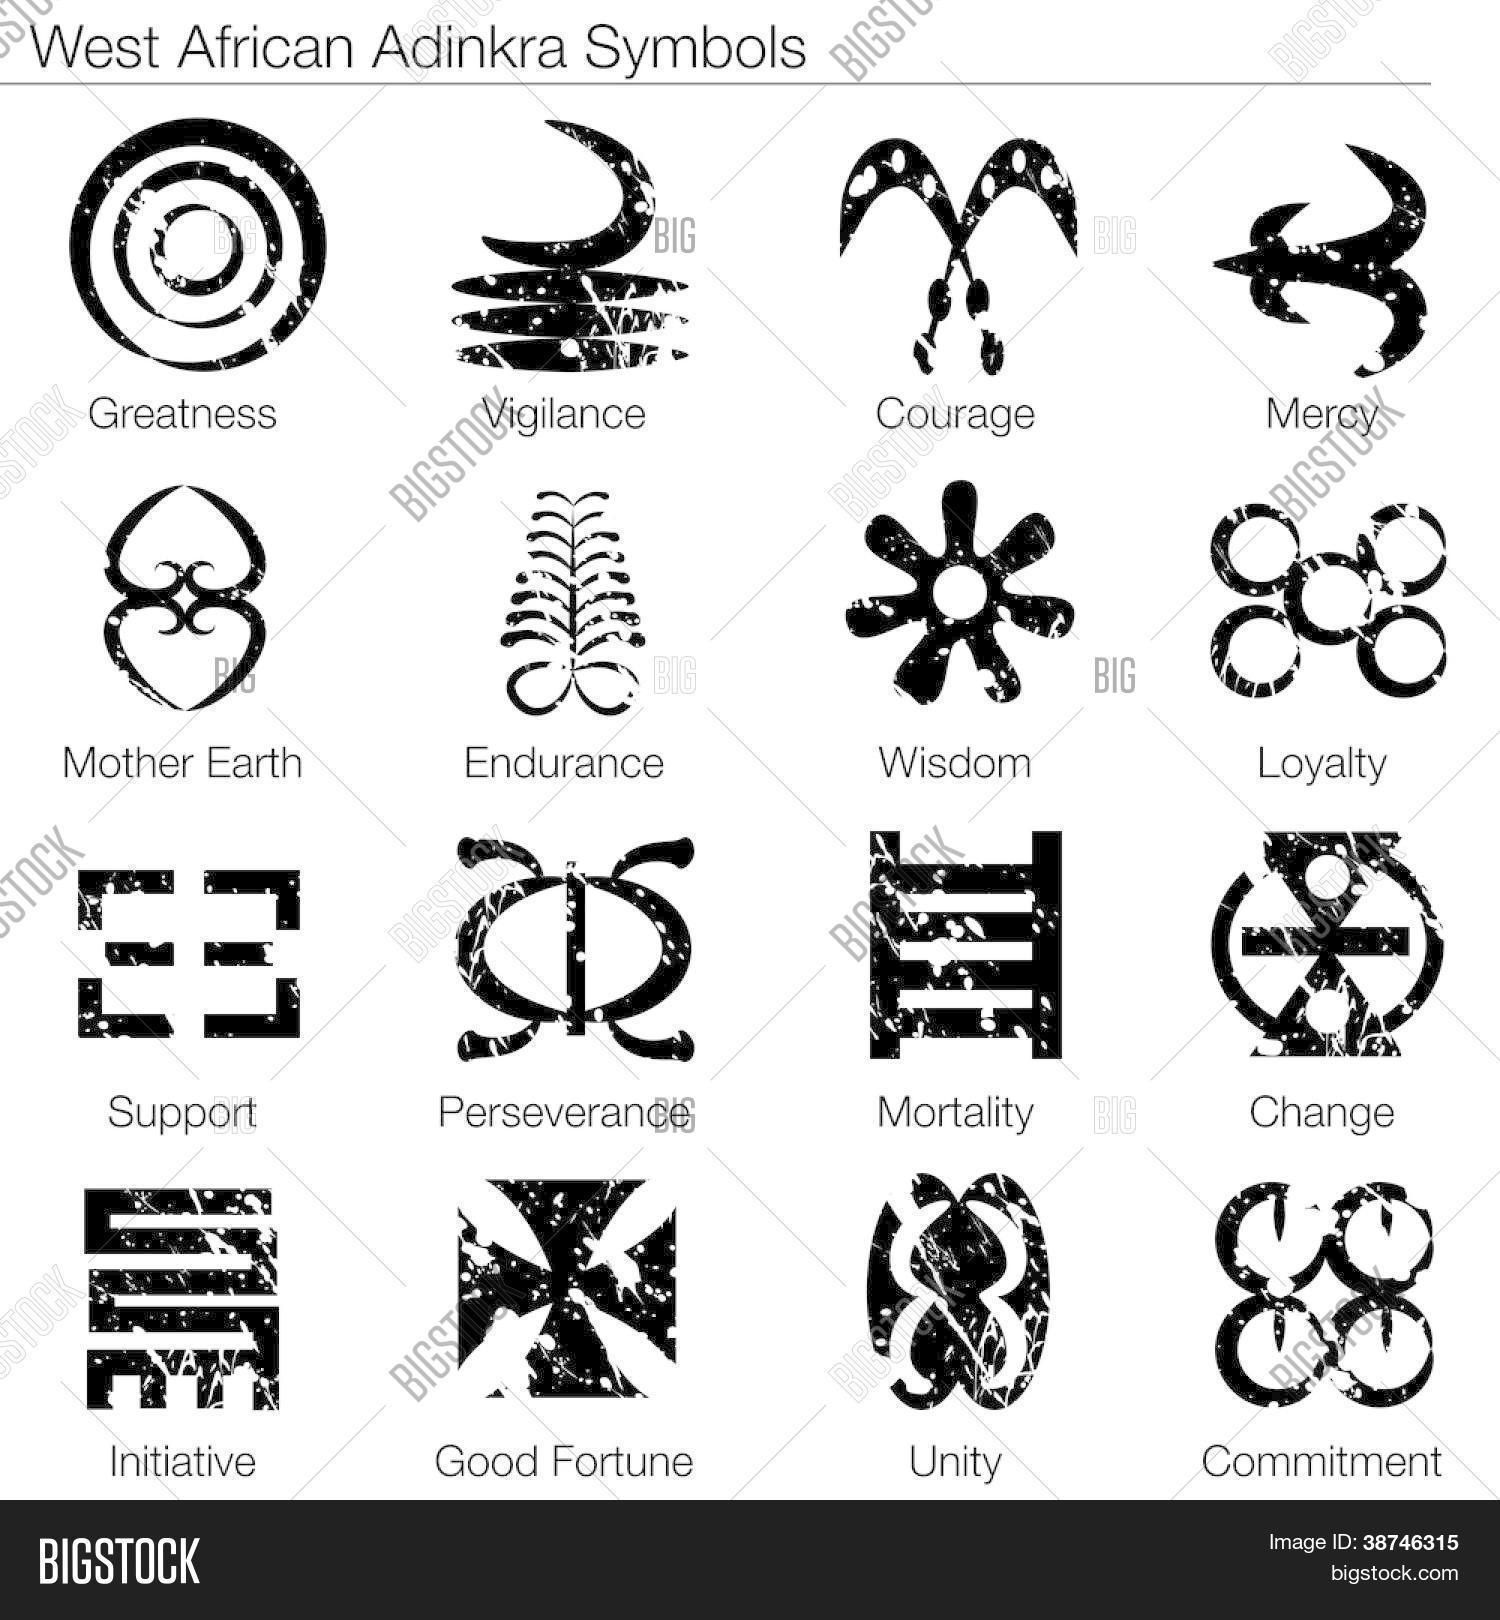 Uma Imagem De Um Simbolos Adinkra Oeste Africano